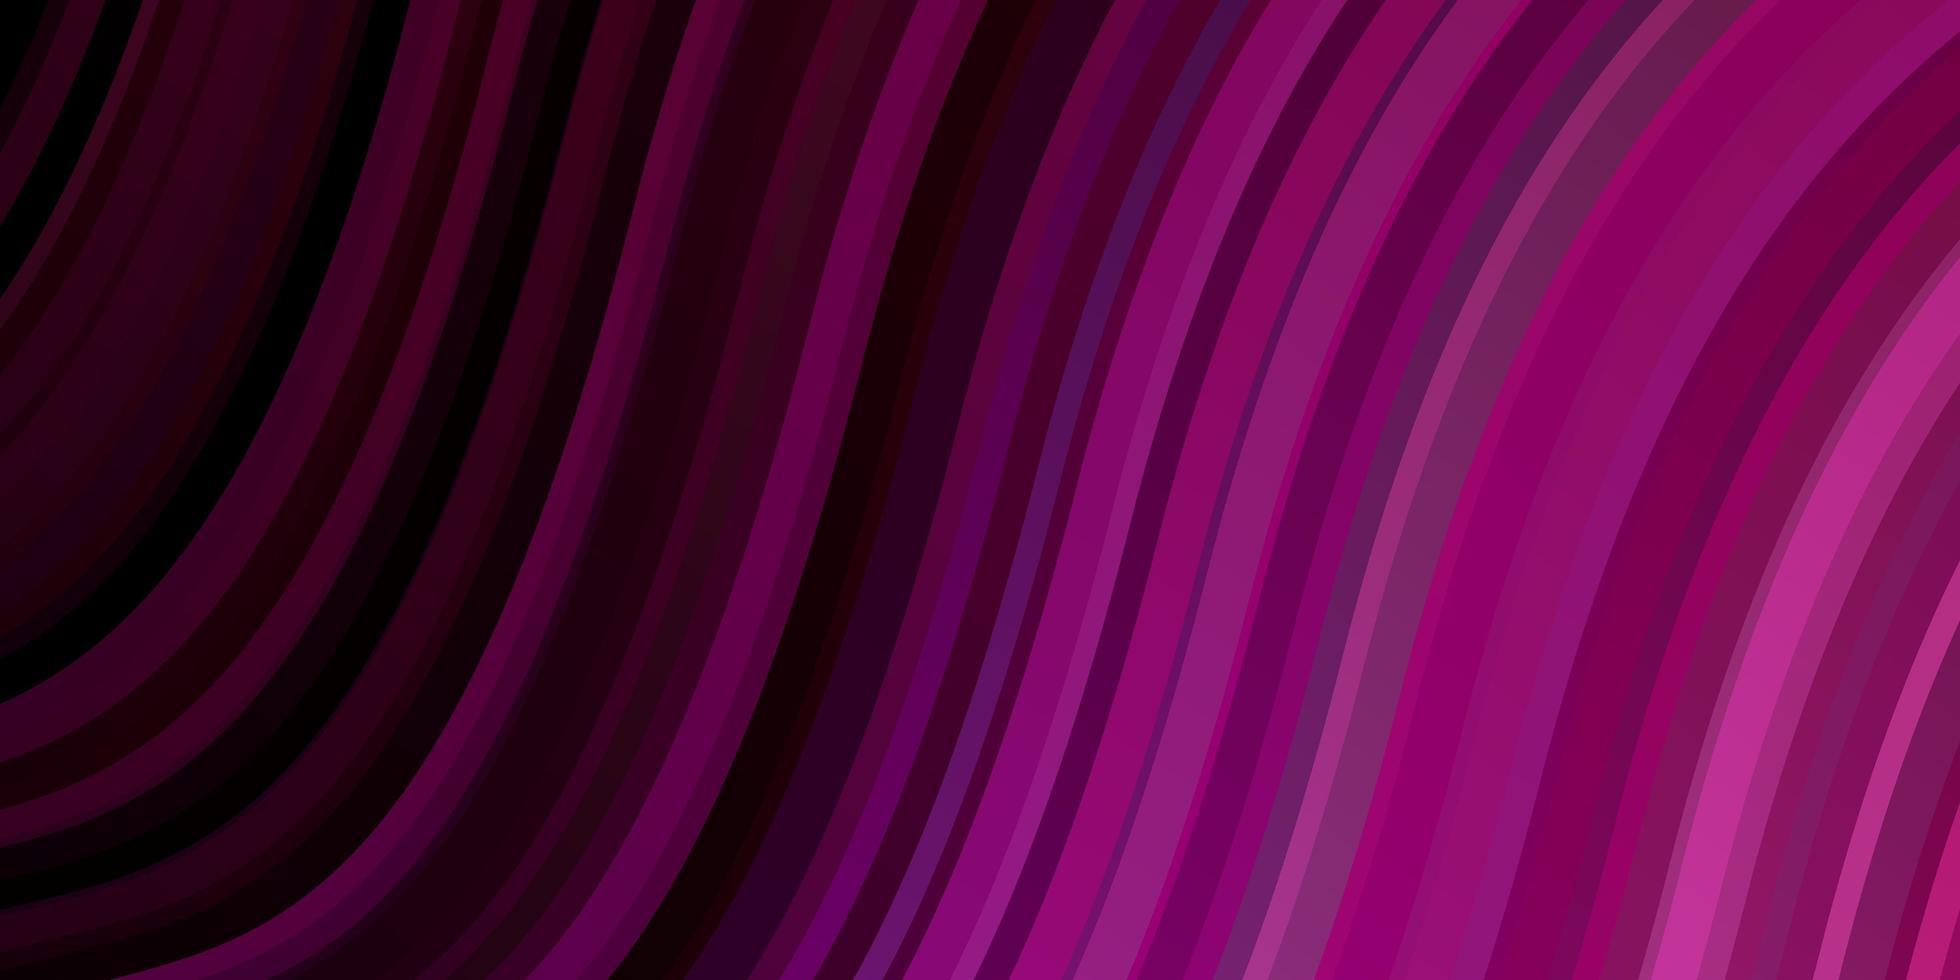 fundo vector roxo, rosa escuro com linhas irônicas.